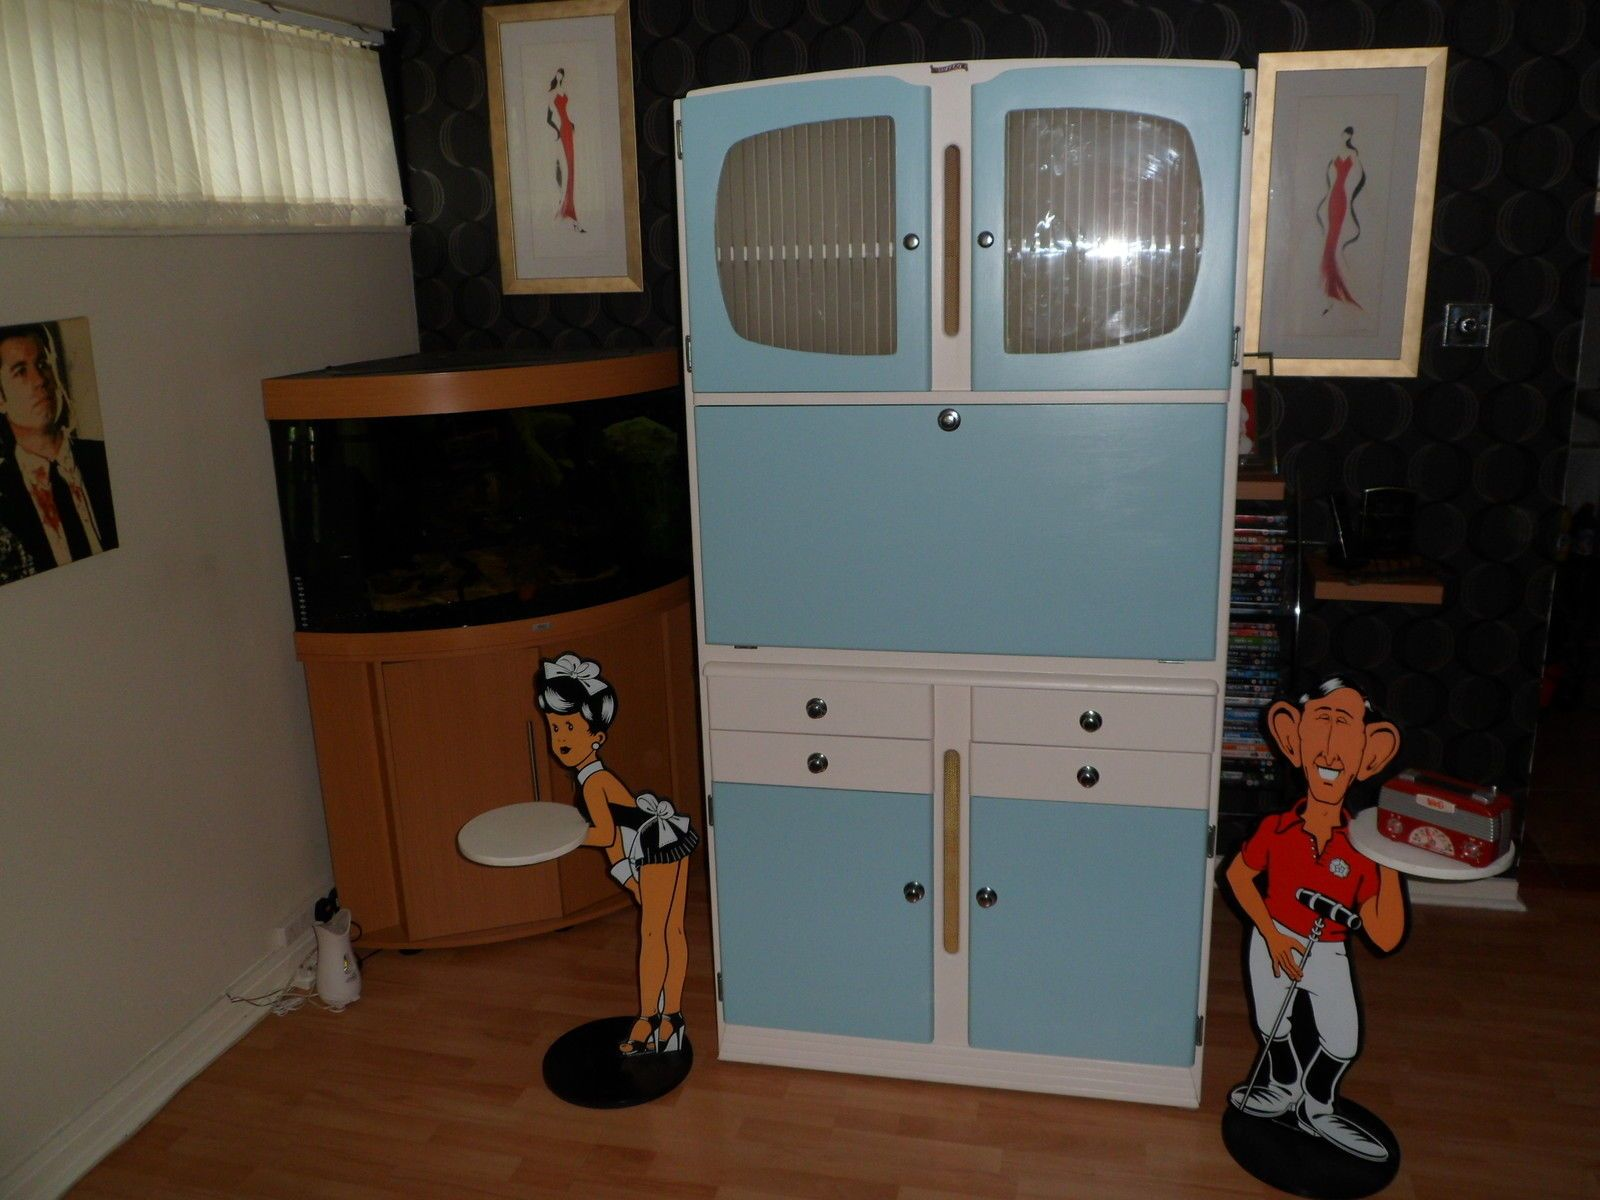 Shefco Kitchenette Retro Classic Kitchen Cupboard Cabinet 1950s 1960s Classic Kitchens Retro Kitchen Cupboards